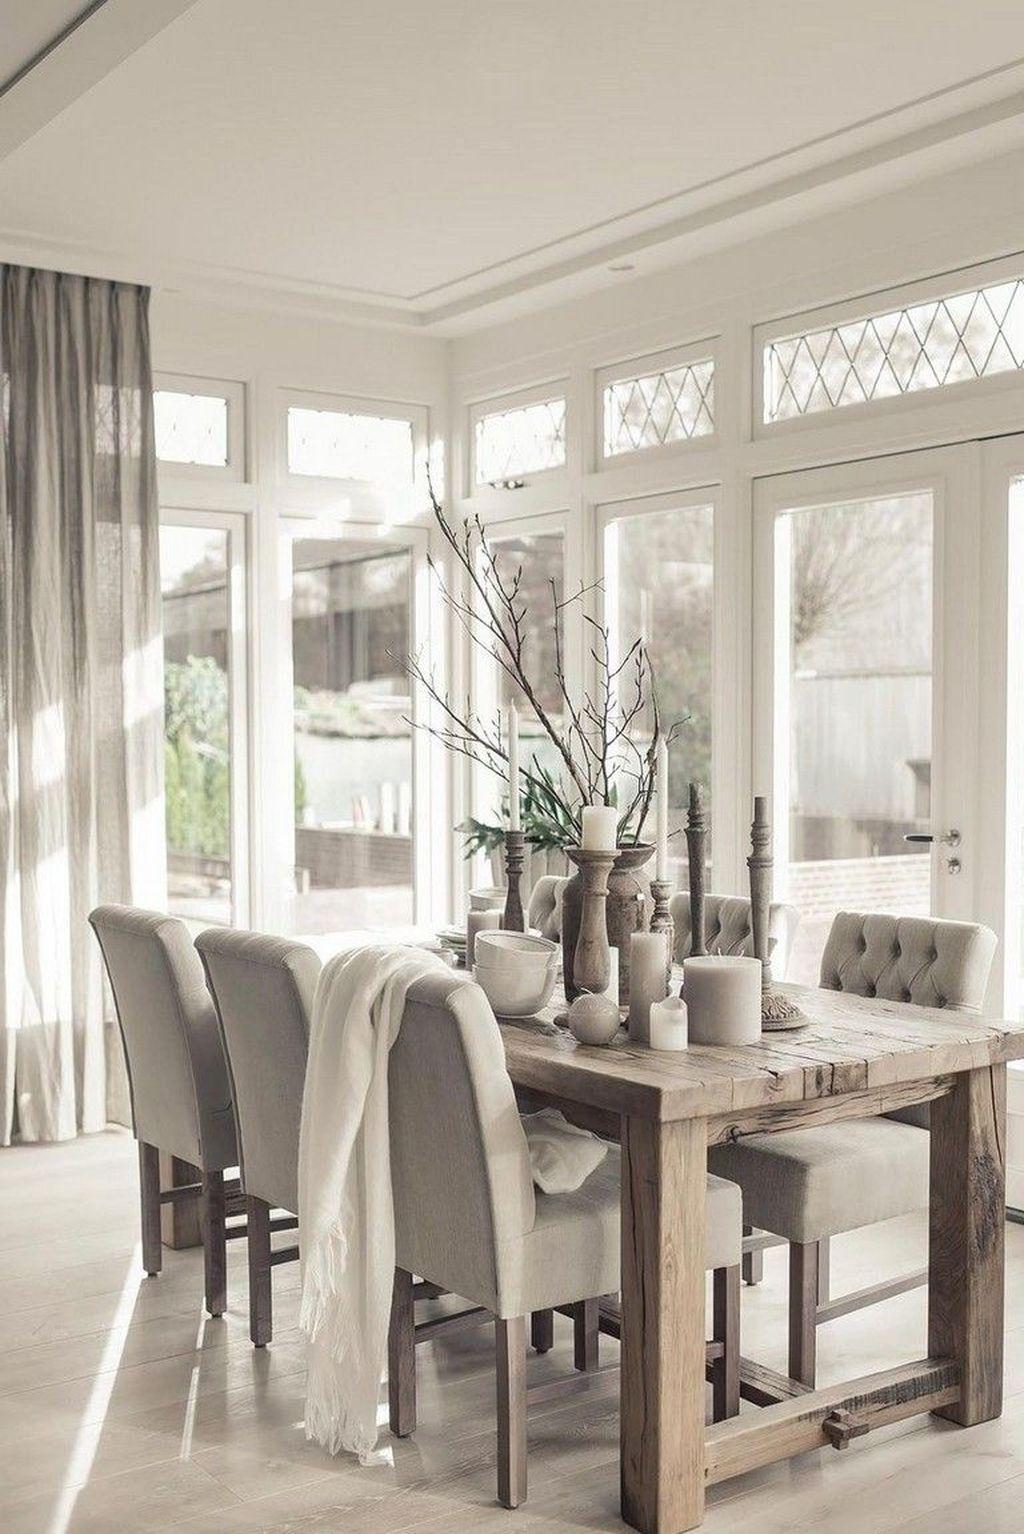 Amazing Rustic Dining Room Design Ideas 06